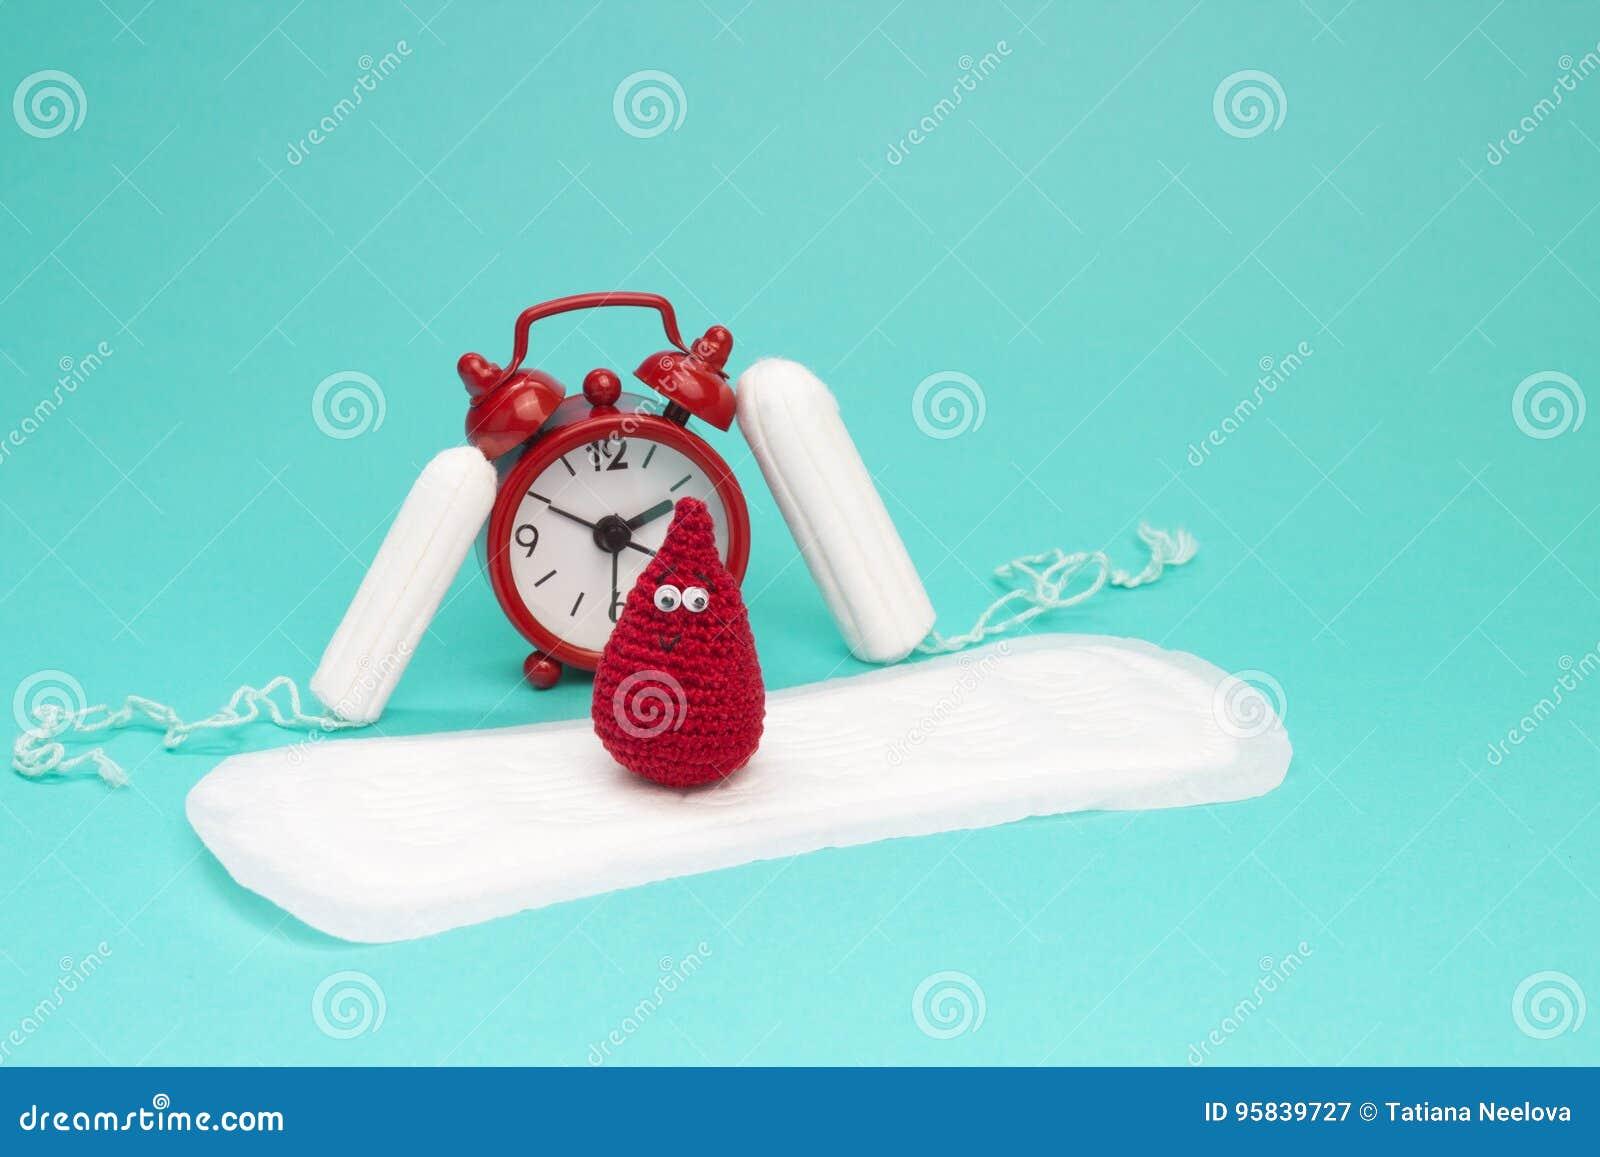 红色闹钟、梦想的微笑钩针编织血液下落、每日月经垫和棉塞 月经有益健康的妇女卫生学 妇女crit